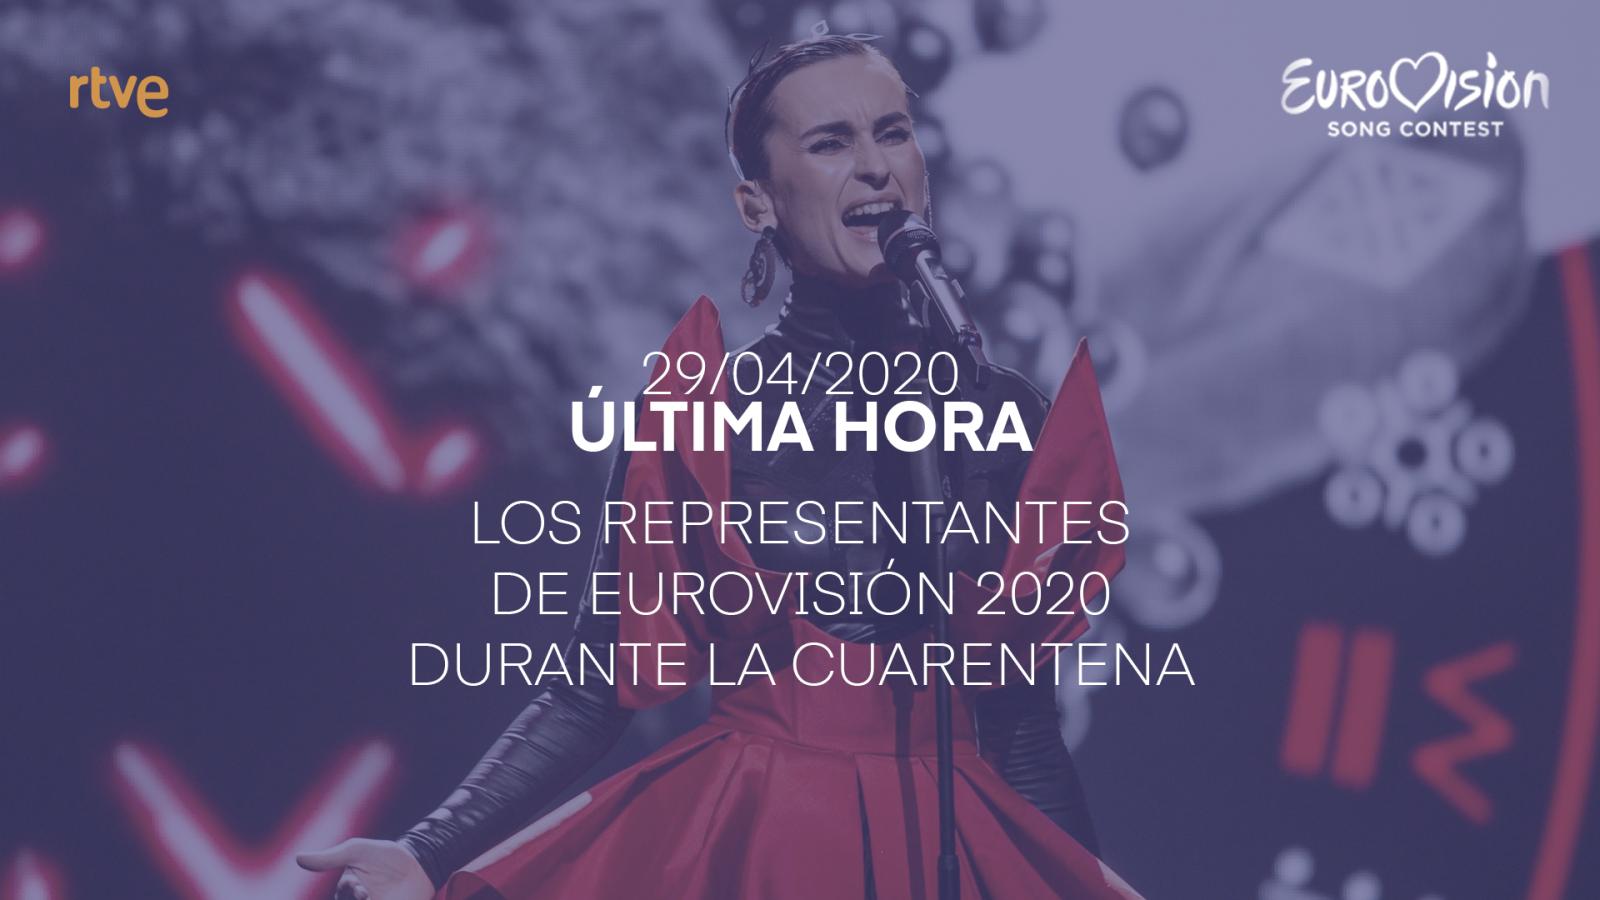 Los representantes de Eurovisión durante la cuarentena